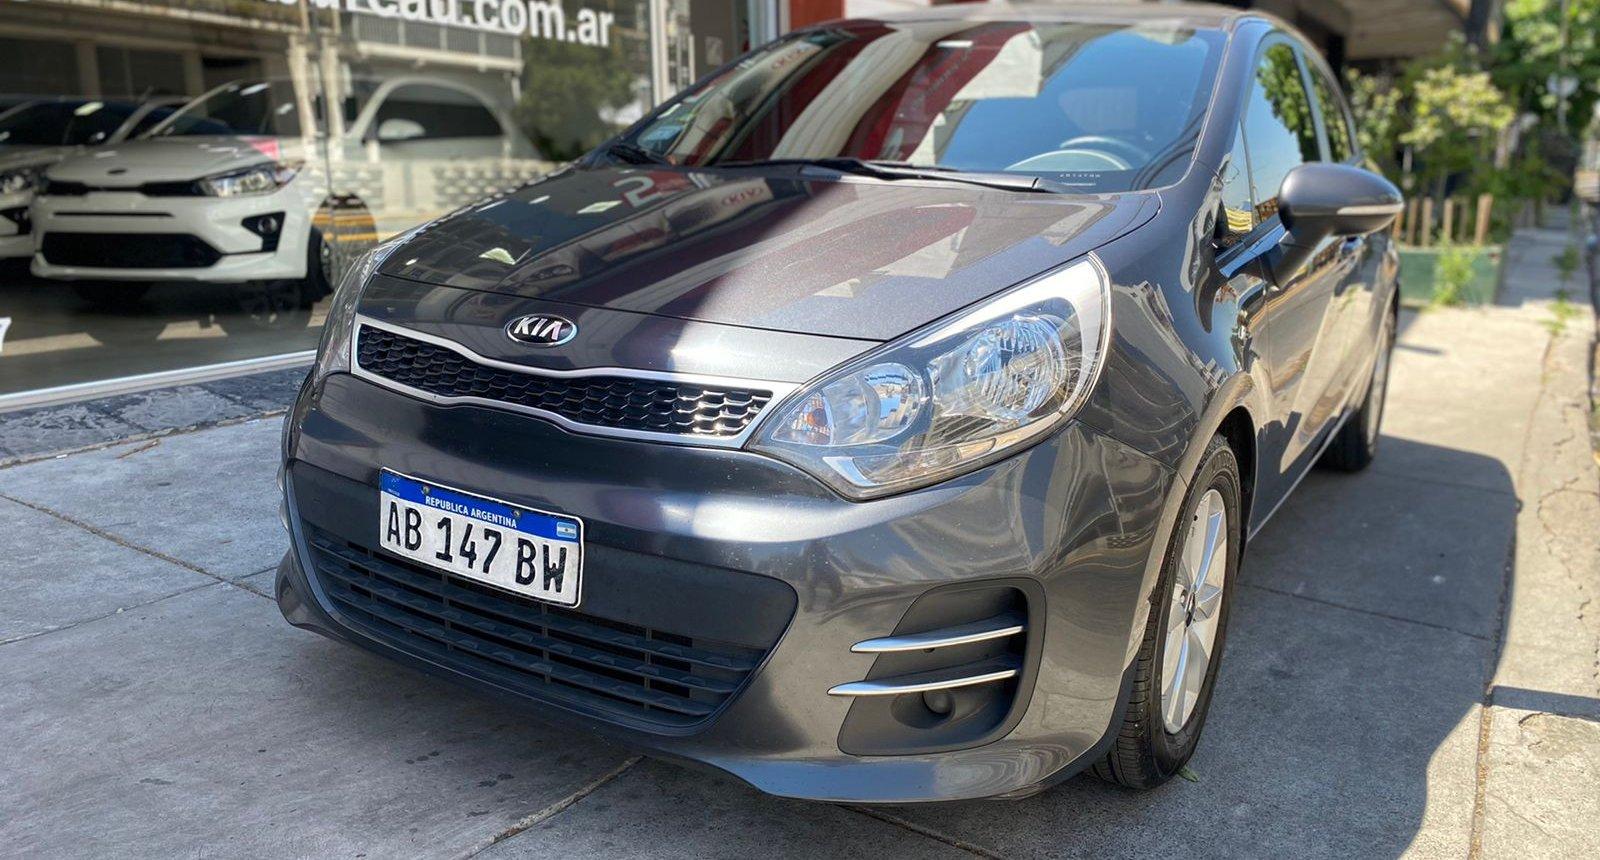 Usados Car Bureau - Kia Rio- 2